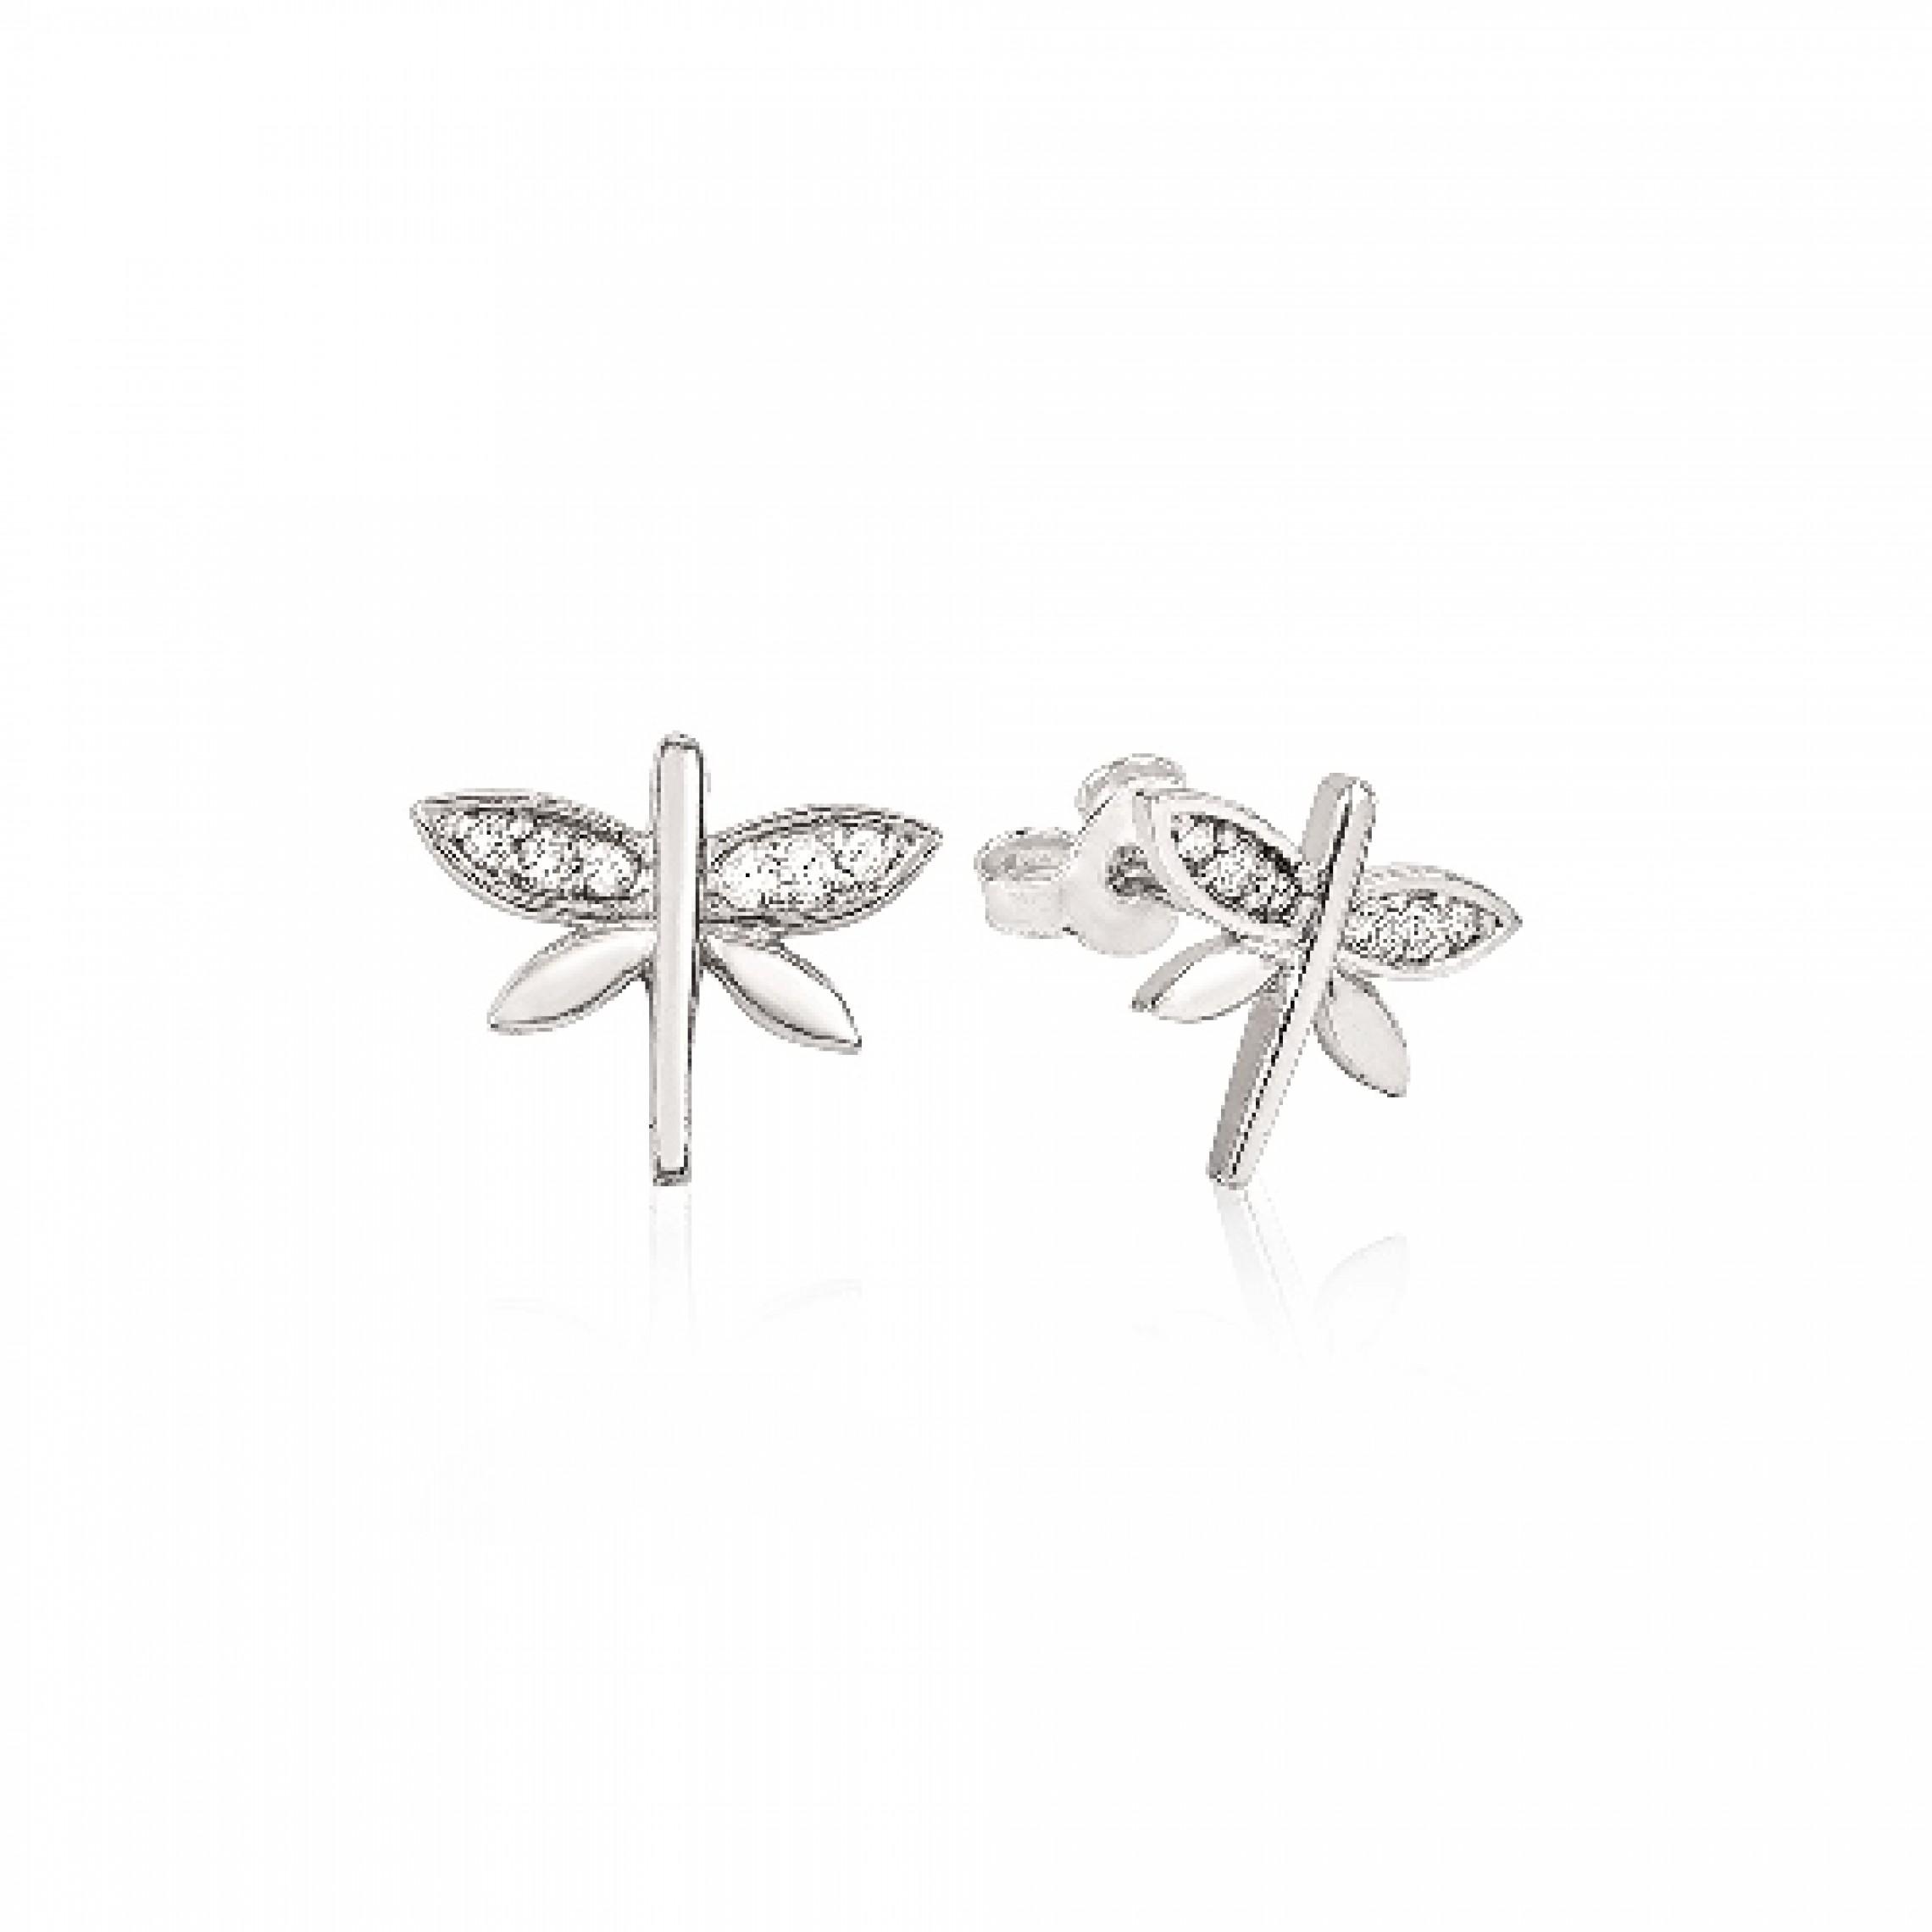 JE-210041 Evil Eye 925 Sterling Silver CZ Earrings